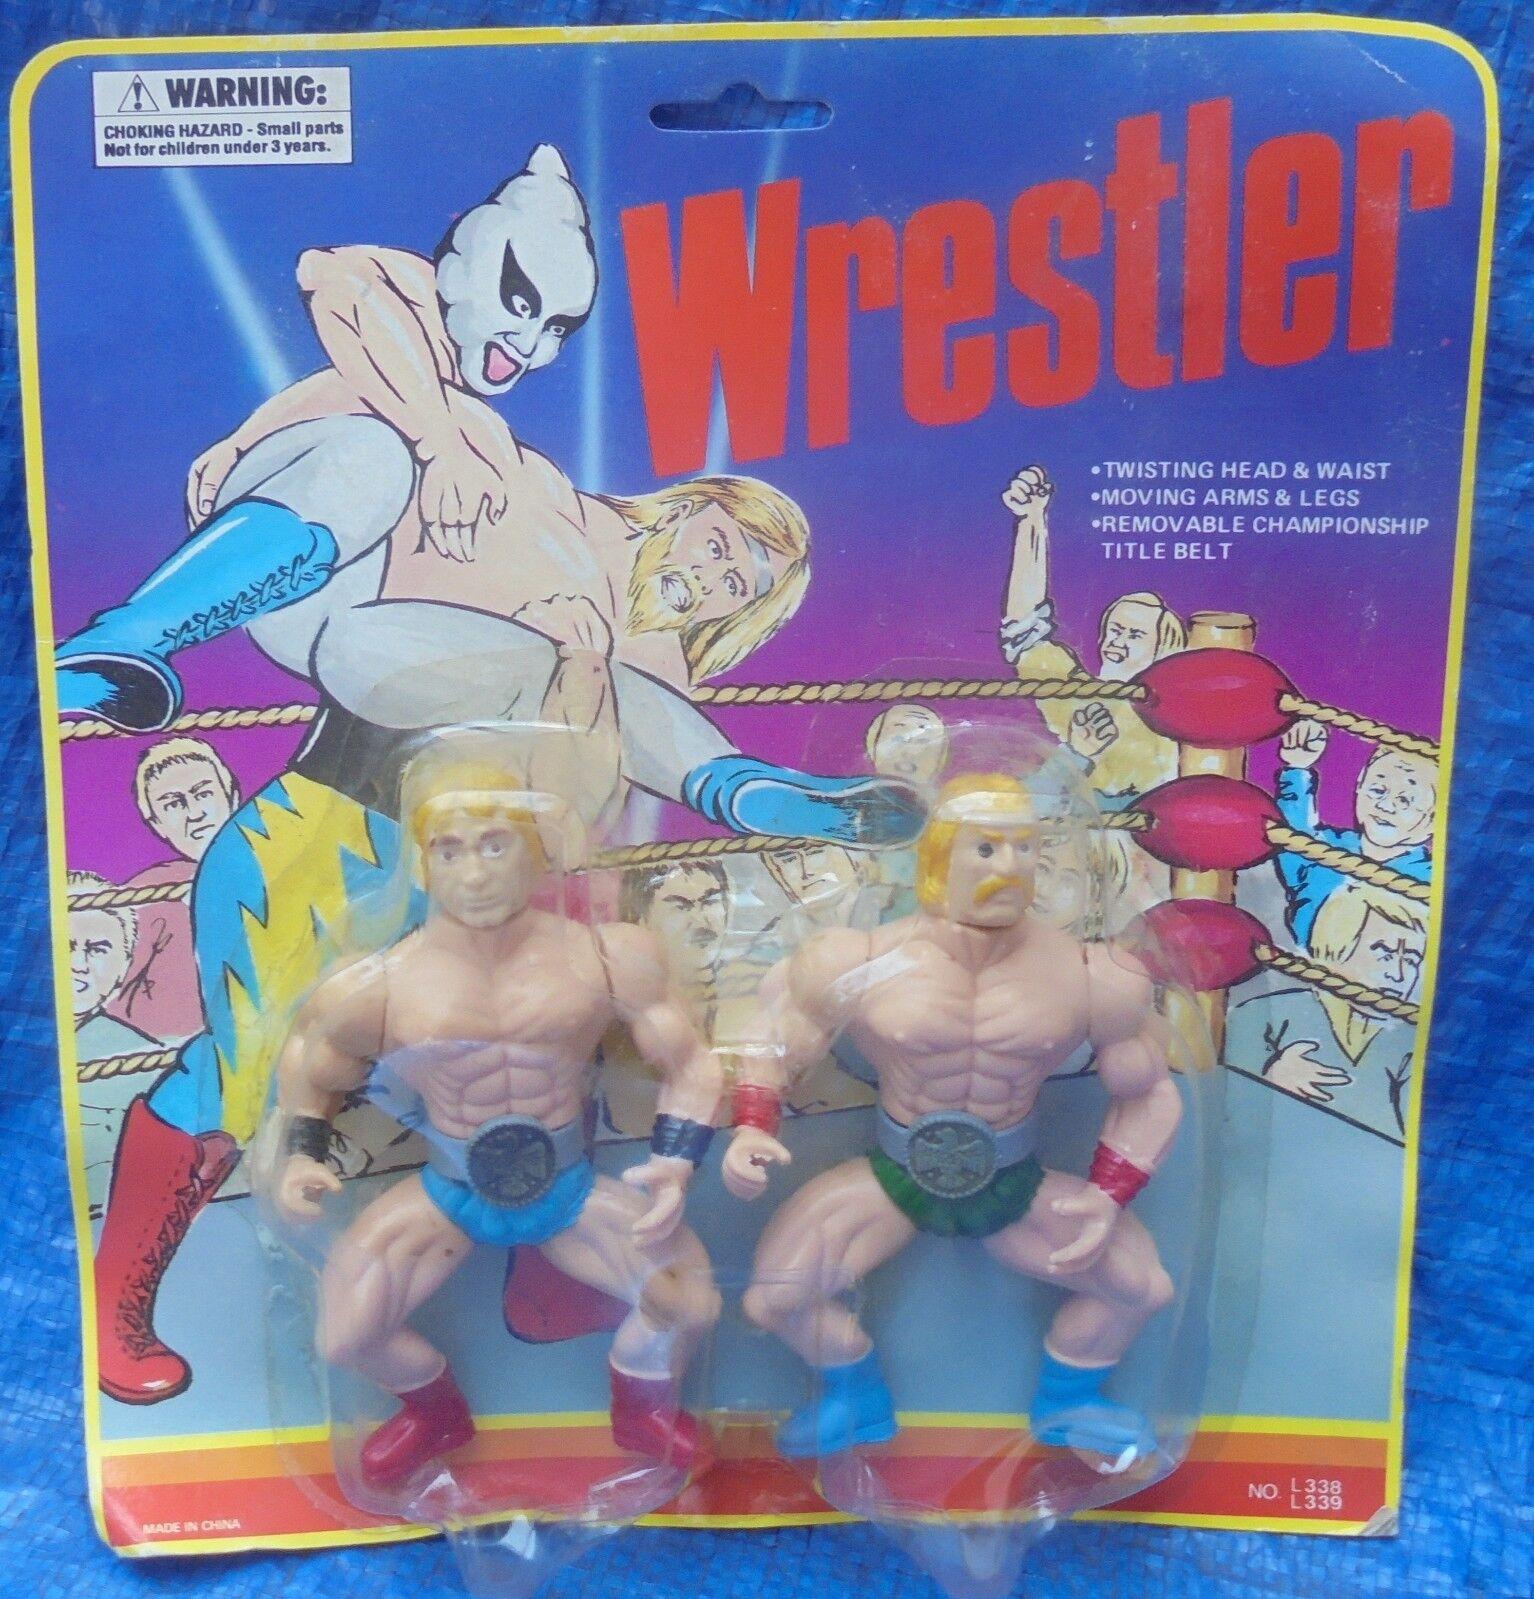 Lutteur Comme neuf on Card Comme neuf en paquet de 2 sacs vintage collectble années 1980 Wrestling Champions Vintage Hard To Find